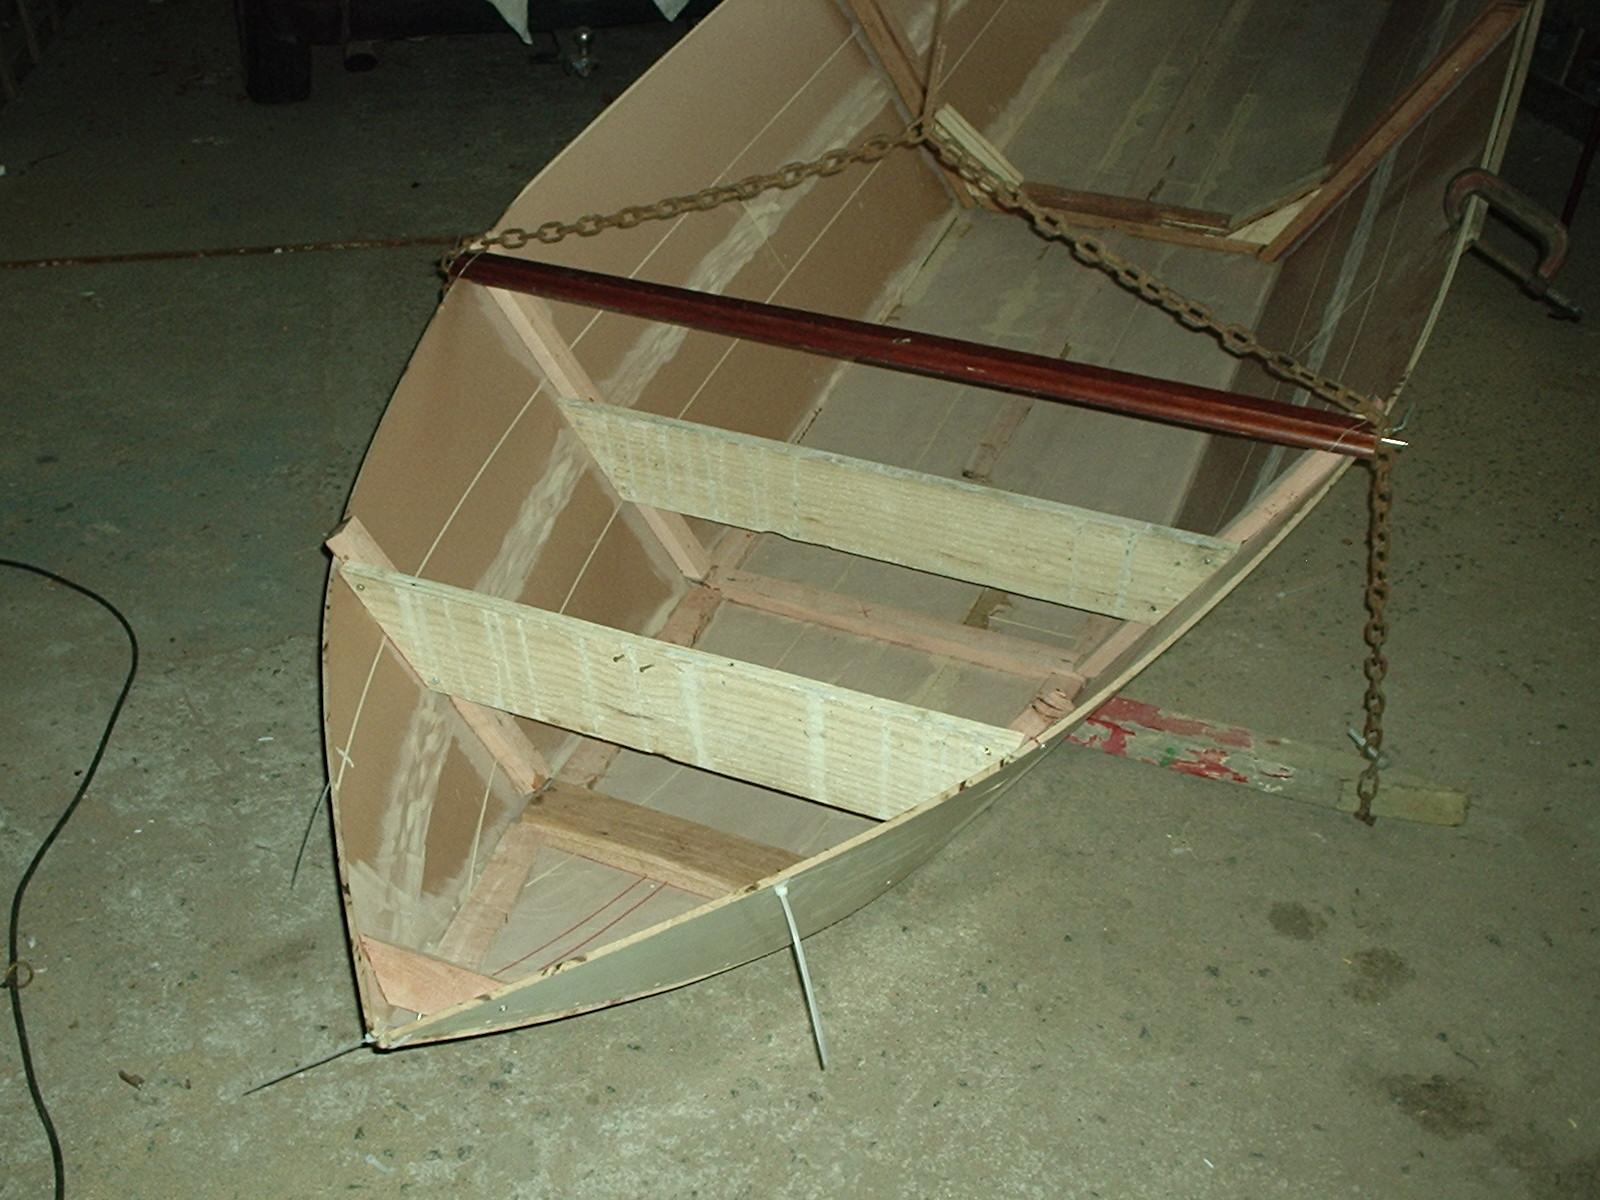 #5E4C31 barco de madeira 4 70m: Passo a passo retrospectiva 1600x1200 px como fazer um aparador de madeira passo a passo @ bernauer.info Móveis Antigos Novos E Usados Online